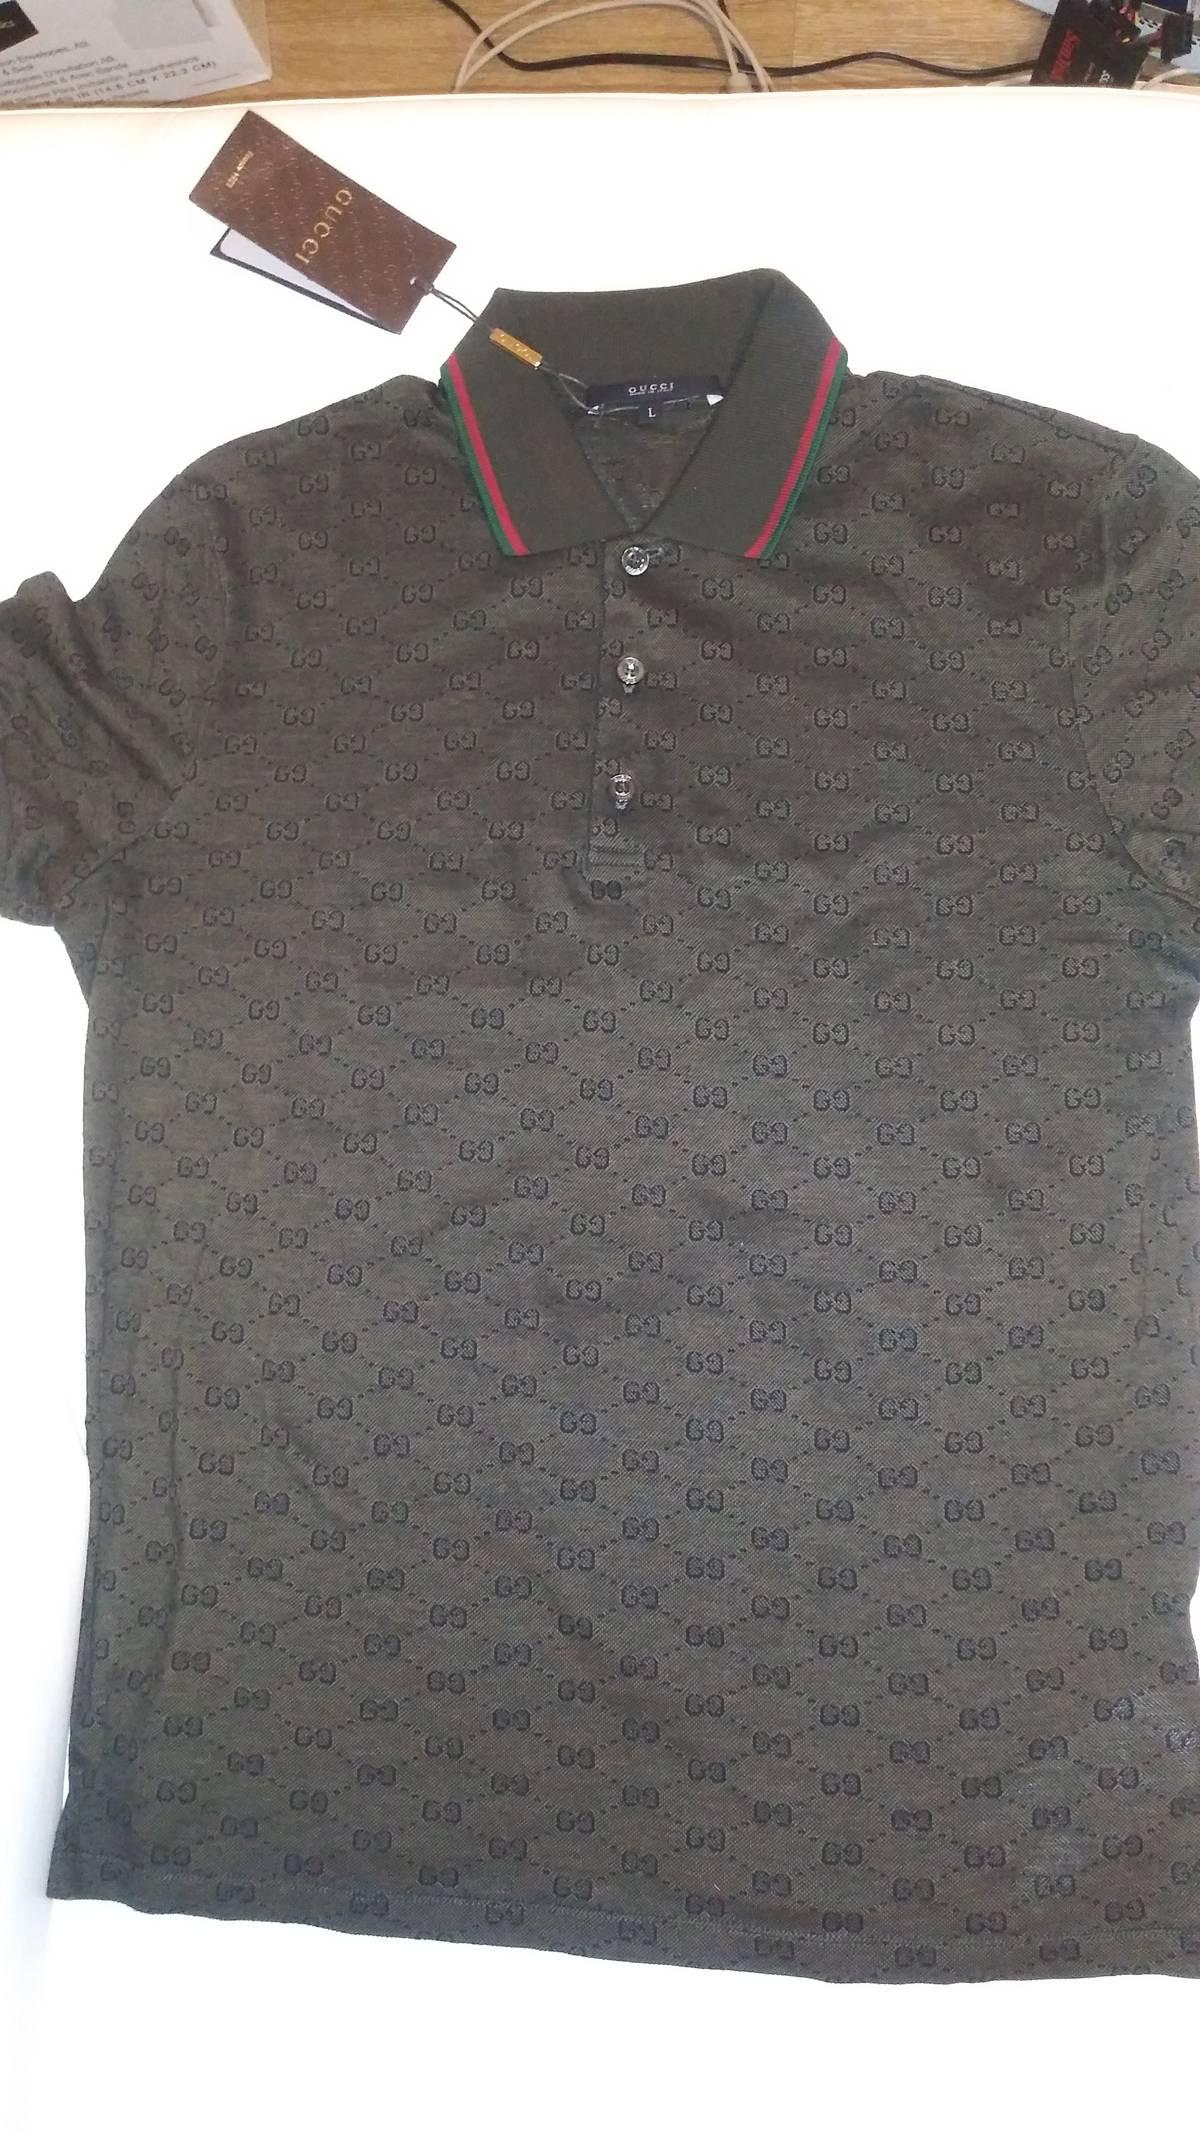 925a14407 Gucci Gucci Military Green Gg Jacquard Polo Shirt Nwt | Grailed